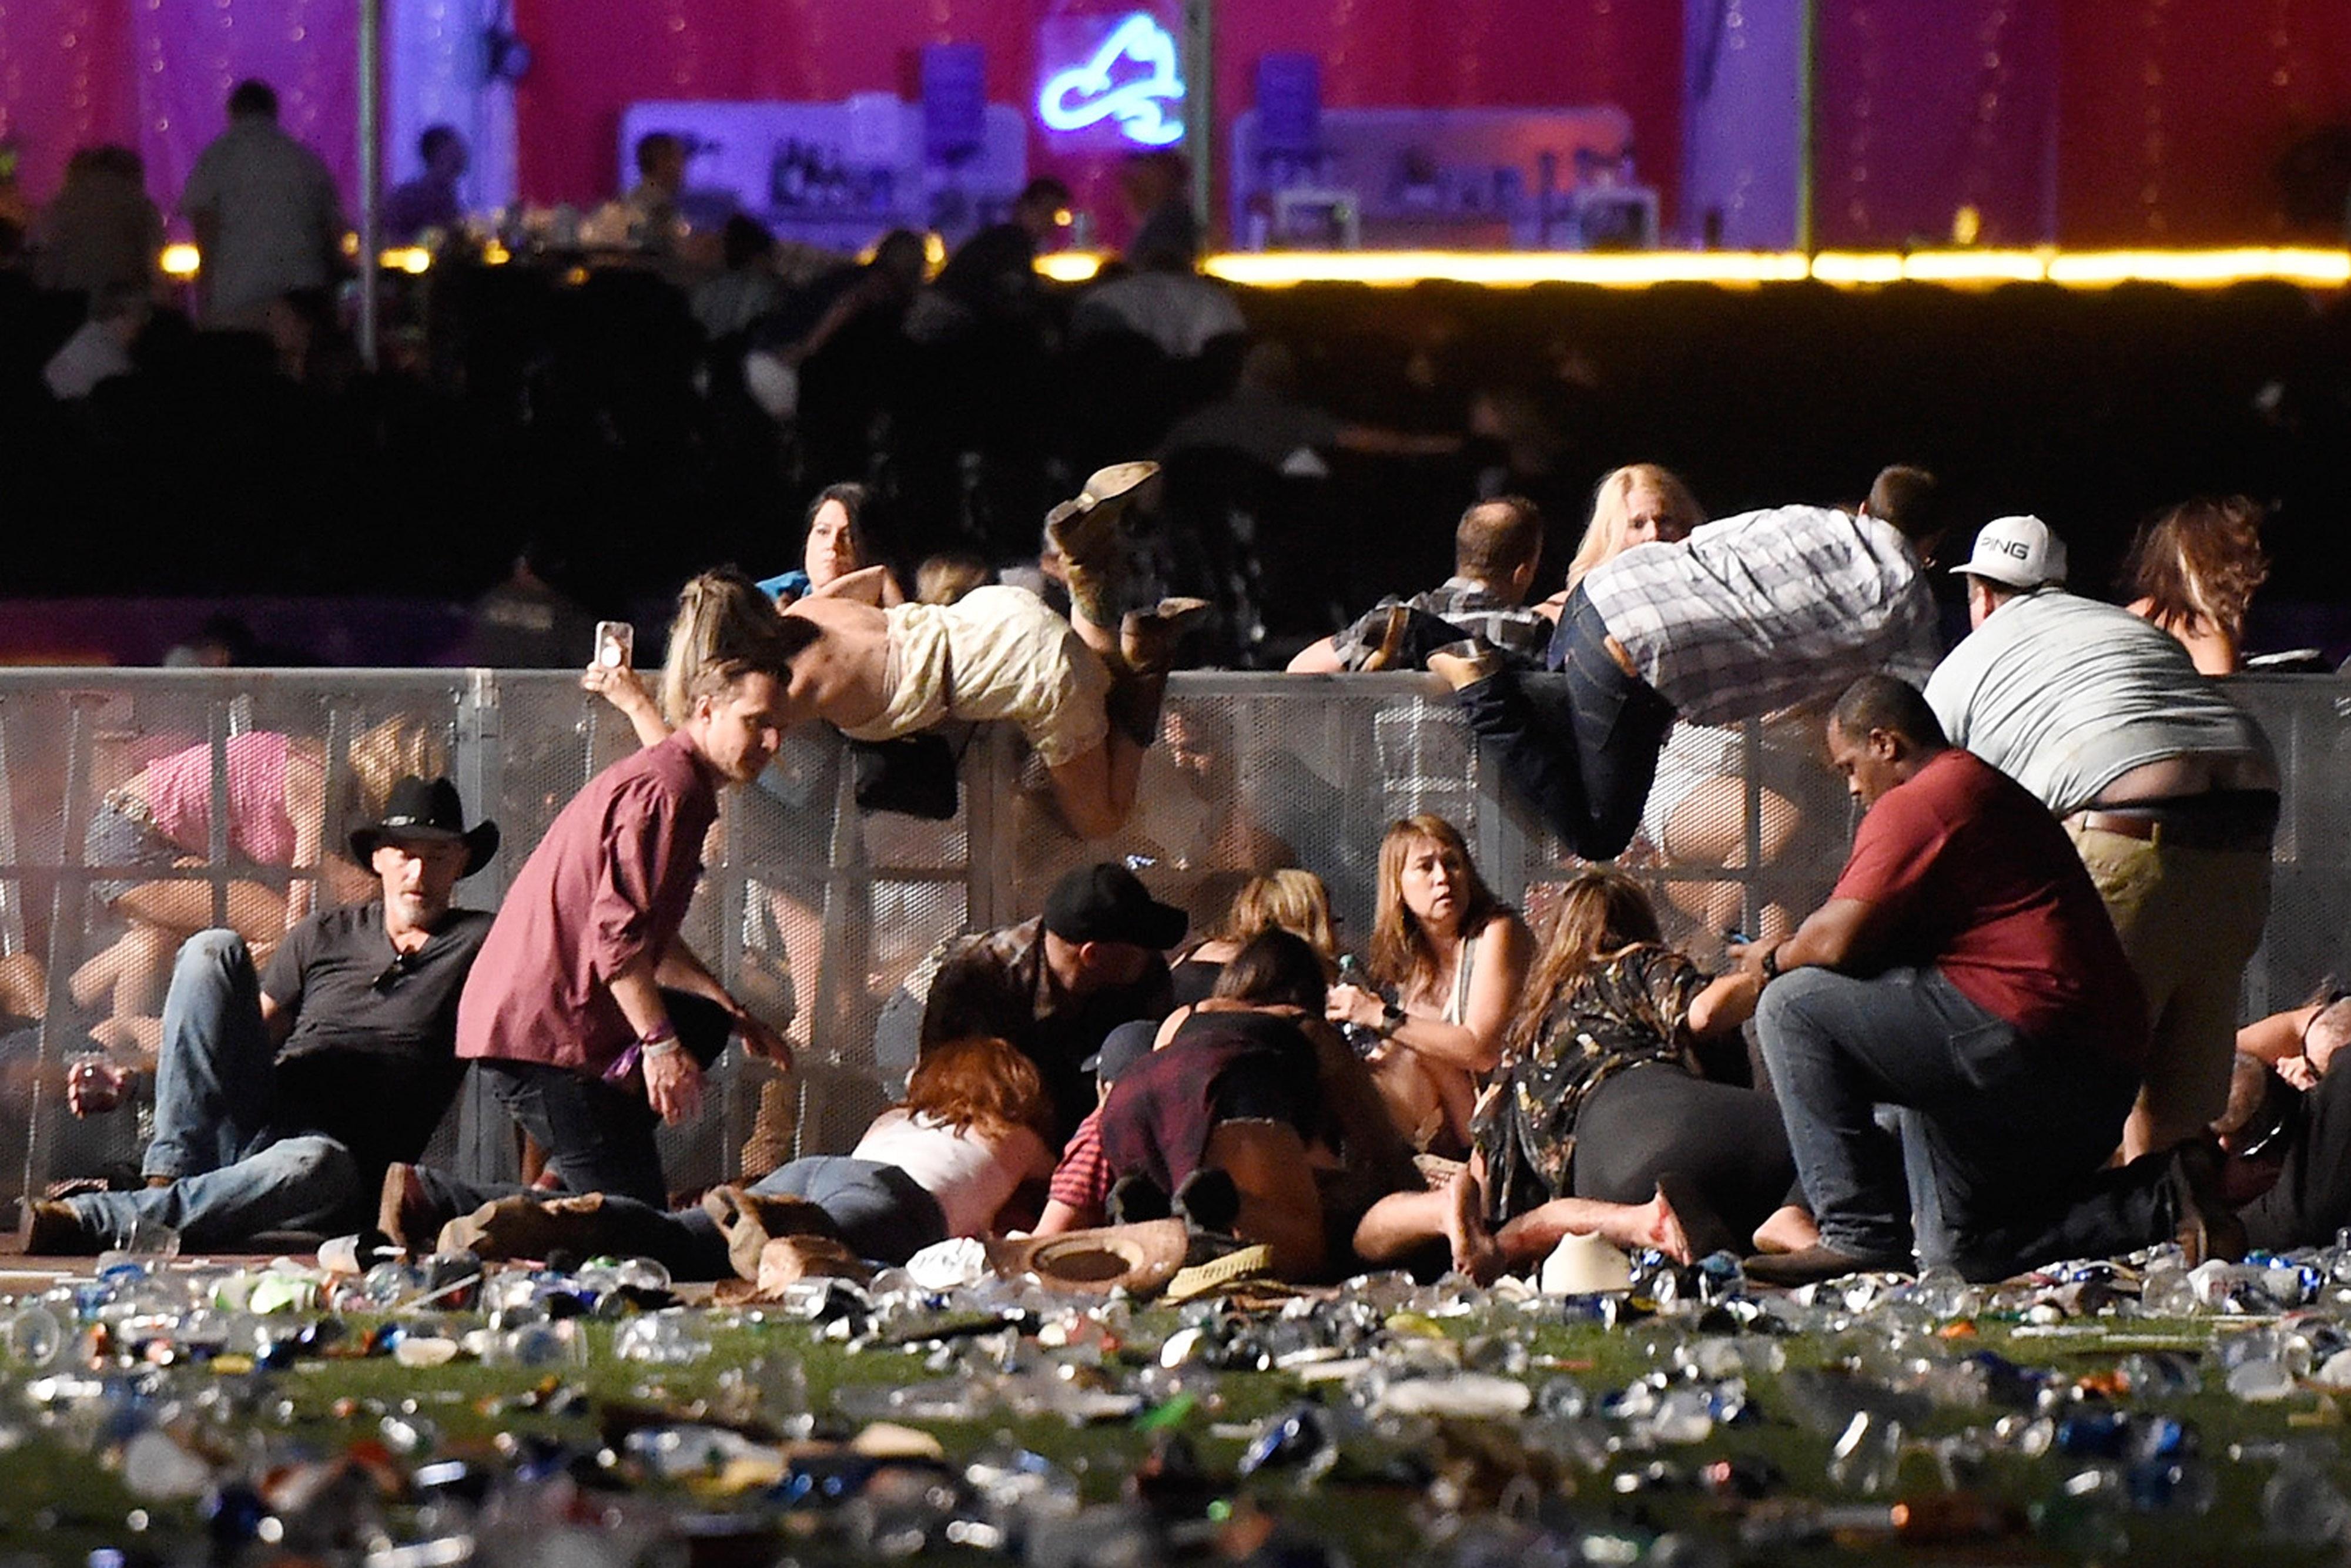 Masacre, Las vegas